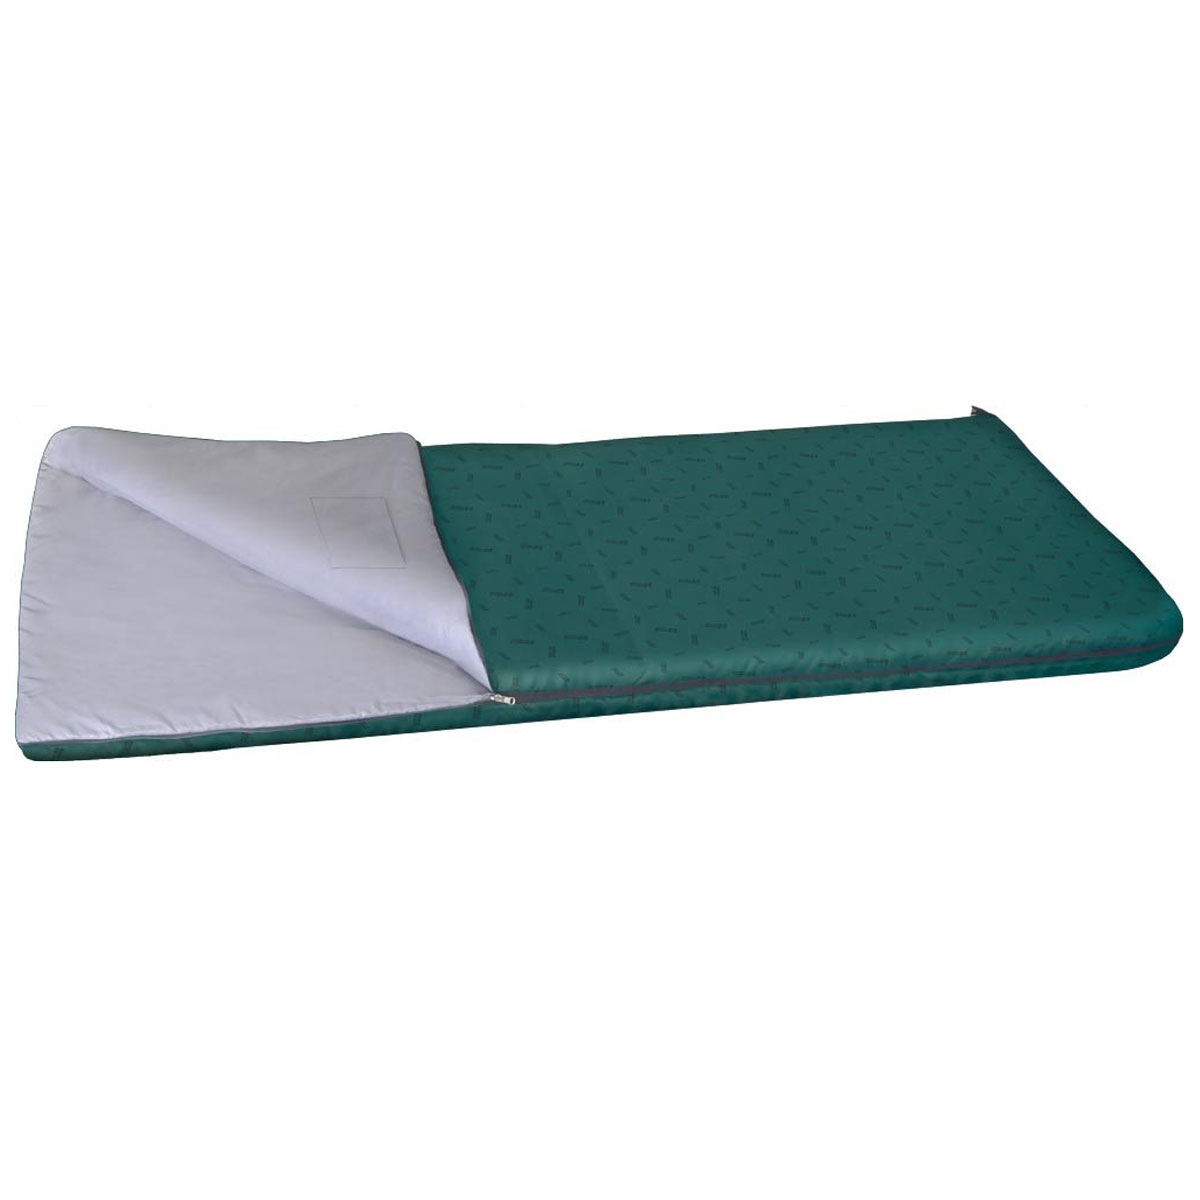 Спальный мешок-одеяло Nova Tour Валдай 300, цвет: нави, левосторонняя молния. 95210-306-00PGPS7797CIS08GBNVСпальный мешок Валдай 300 - это ваш первый спальник, отличный вариант для начинающего туриста. Если вам трудно определиться с условиями, в которых будет использоваться спальник, то Валдай 300 именно тот вариант, универсальный, недорогой и надежный. Купив спальный мешок Валдай 300, вы получаете полноценный отдых без особых материальных затрат. Температурные характеристики этого спальника предполагают его использование в теплое время года. Два слоя новейшего утеплителя улучшенной серии Thermofibre-S-Pro, легкая ткань верха Polyester 100% и отсутствие дополнительного подголовника обеспечили низкий вес спальника Валдай 300 и небольшие размеры в свернутом виде. Спальник компактно упаковывается в компрессионный мешок.Благодаря двухзамковой молнии, имеется возможность состегнуть два спальника в один двойной,для совместного, еще более комфортногоотдыха.Ткань верха: Polyester 100%.Внутренняя ткань: Polyester 100%.